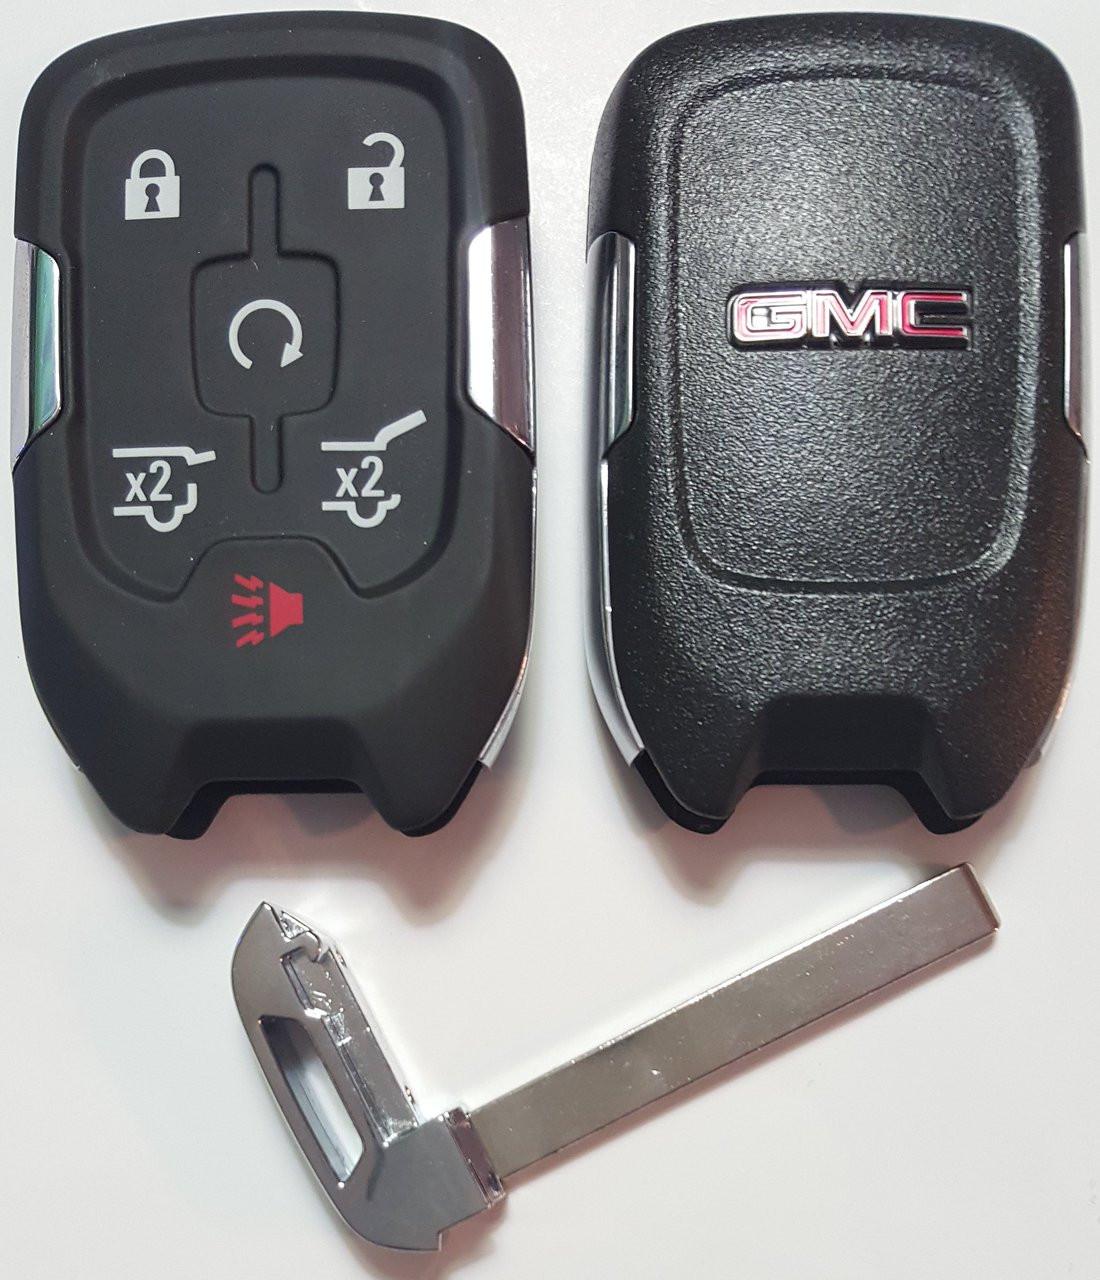 GMC Yukon XL 13580802 HYQ1AA 1551A-1AA Key - Prox Smart